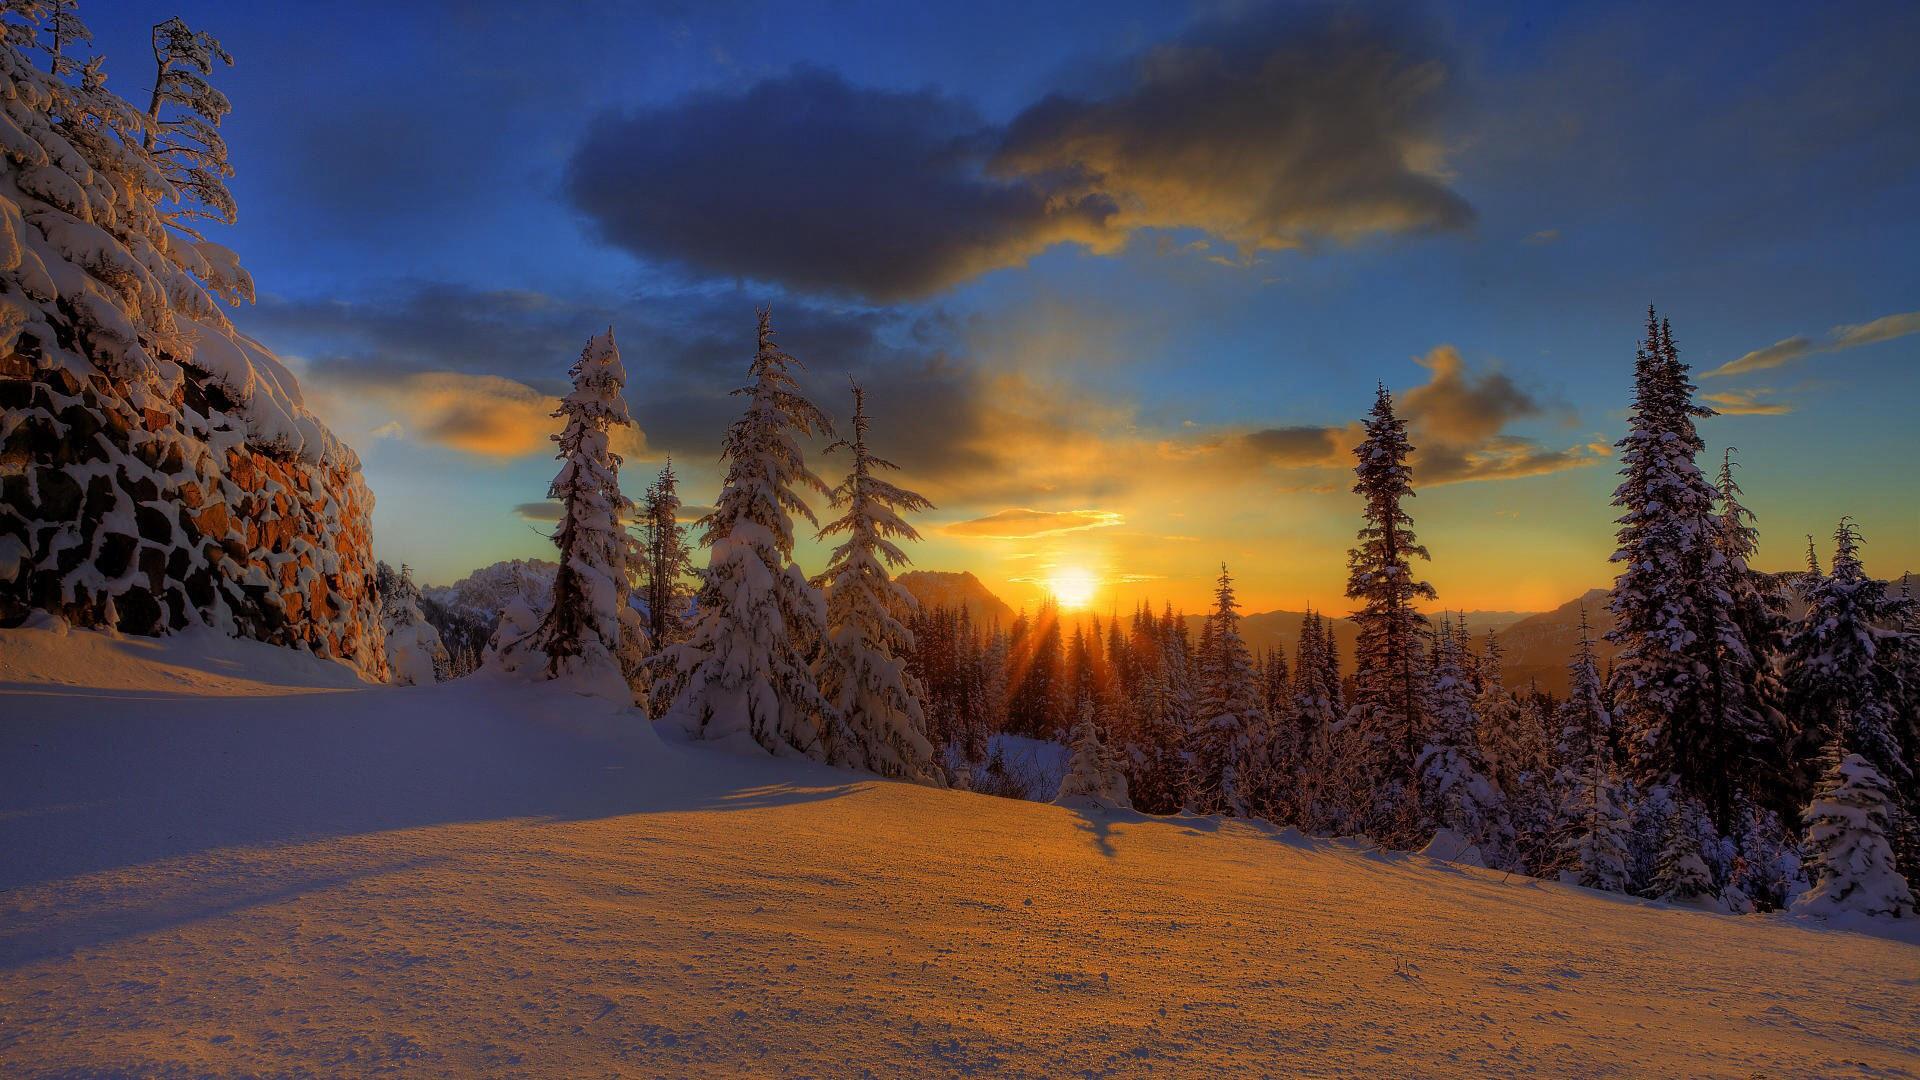 ws_Winter_Sun_1920x1080.jpg